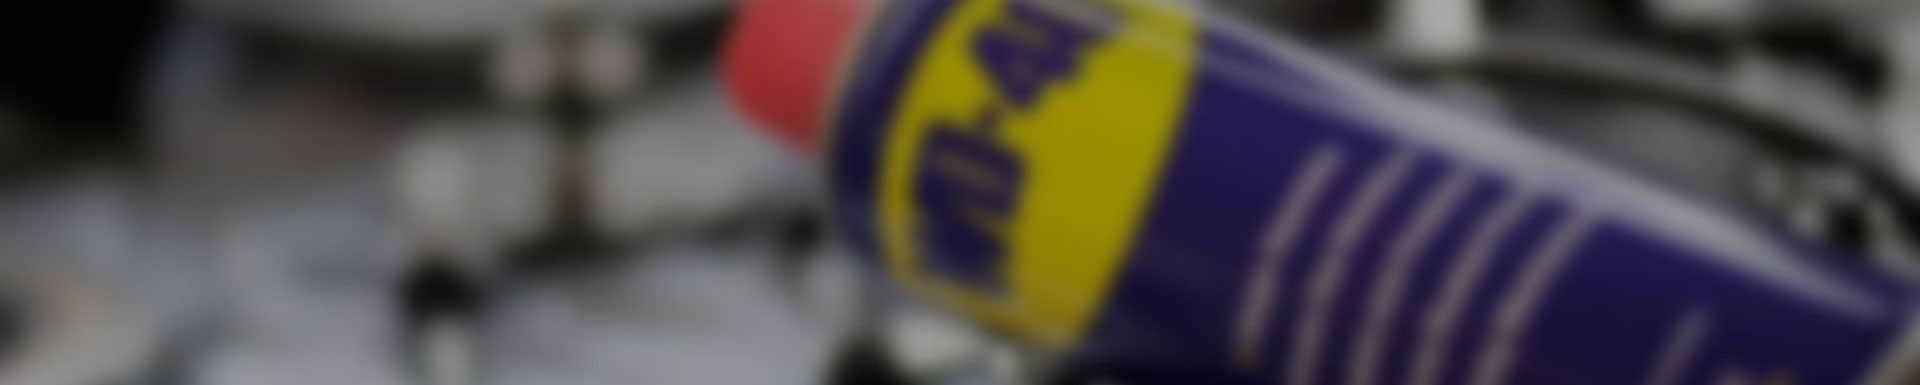 banner-mup-1920x385